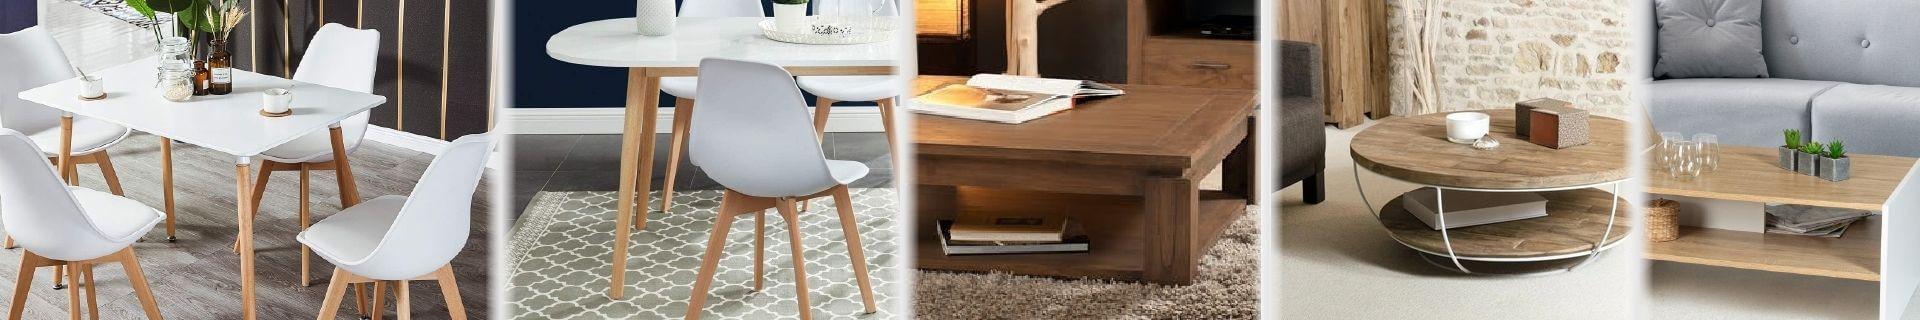 Tables  et chaises - Meubles Crab DZ